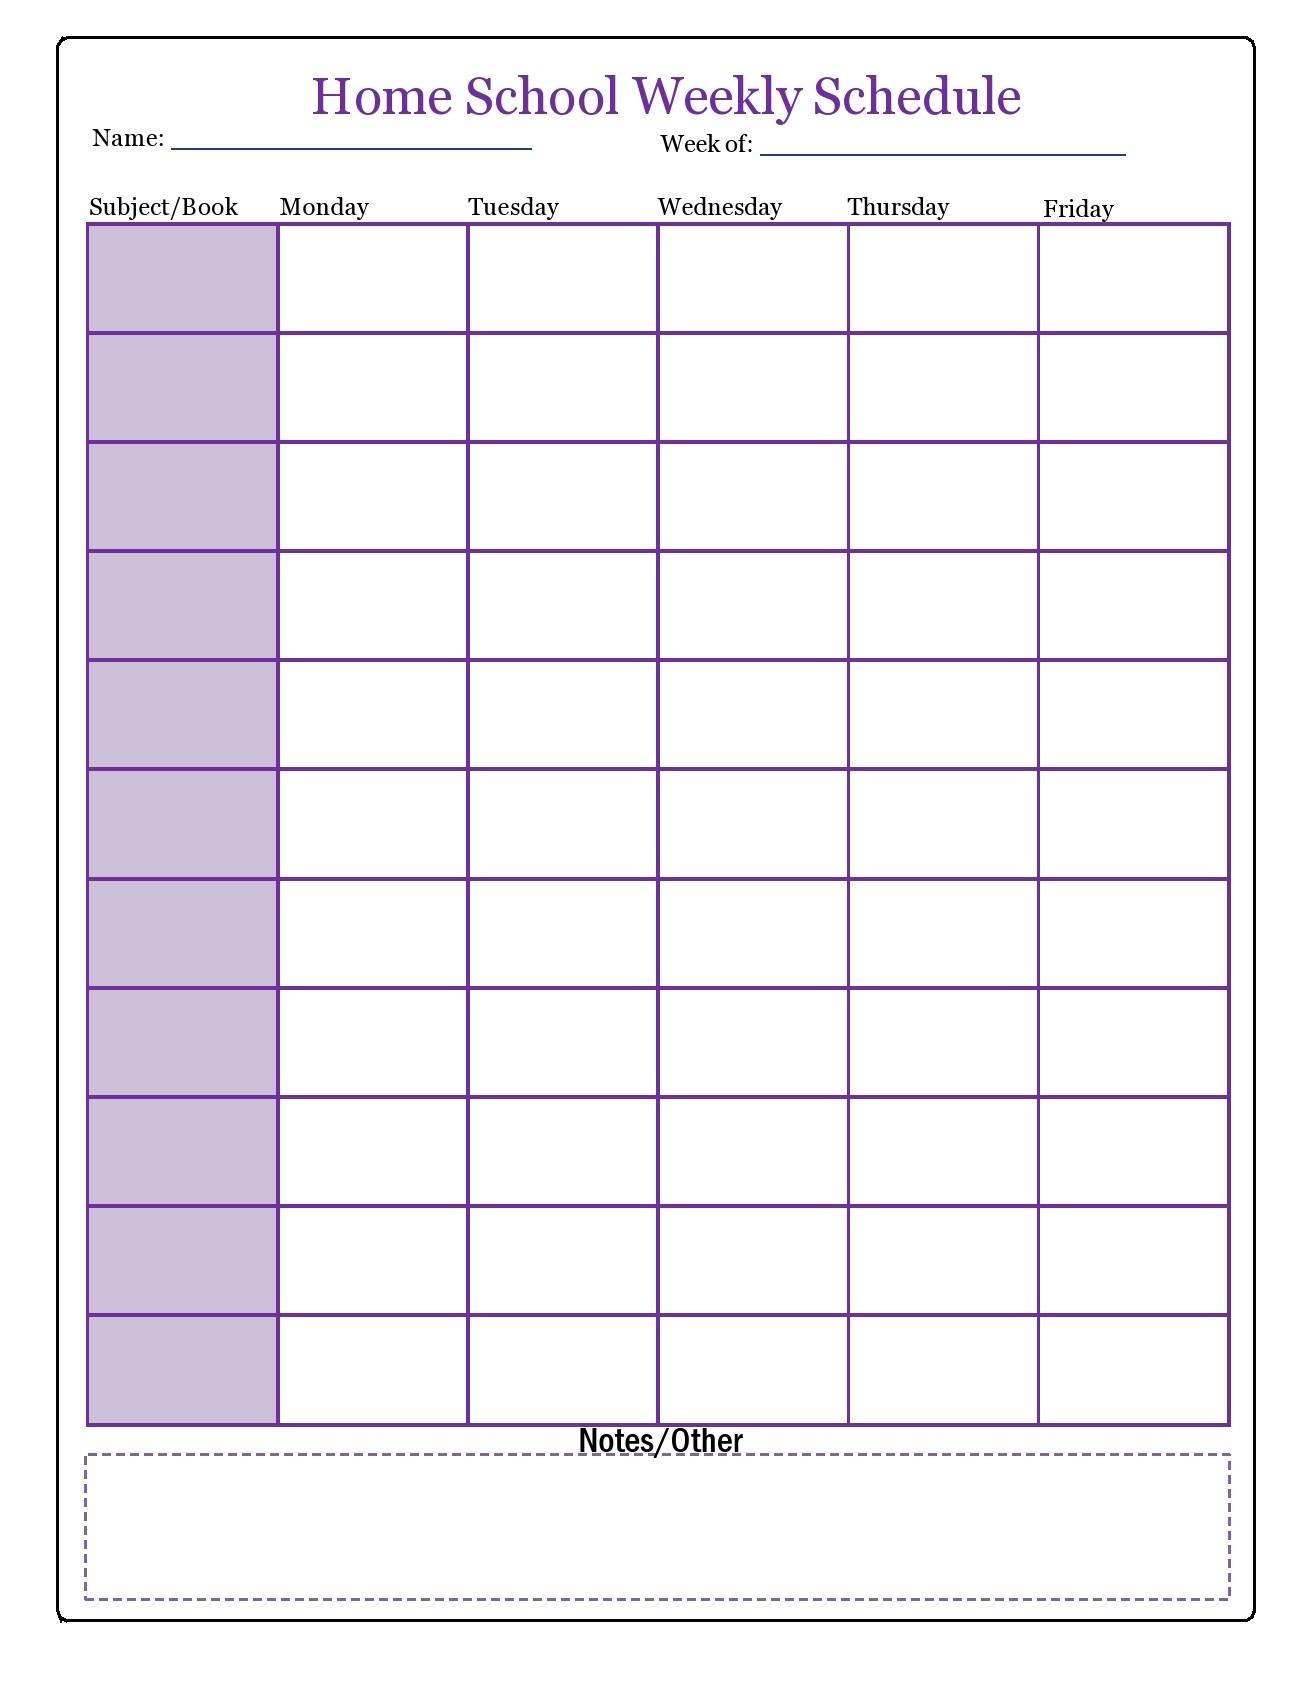 Free homeschool schedule template 10